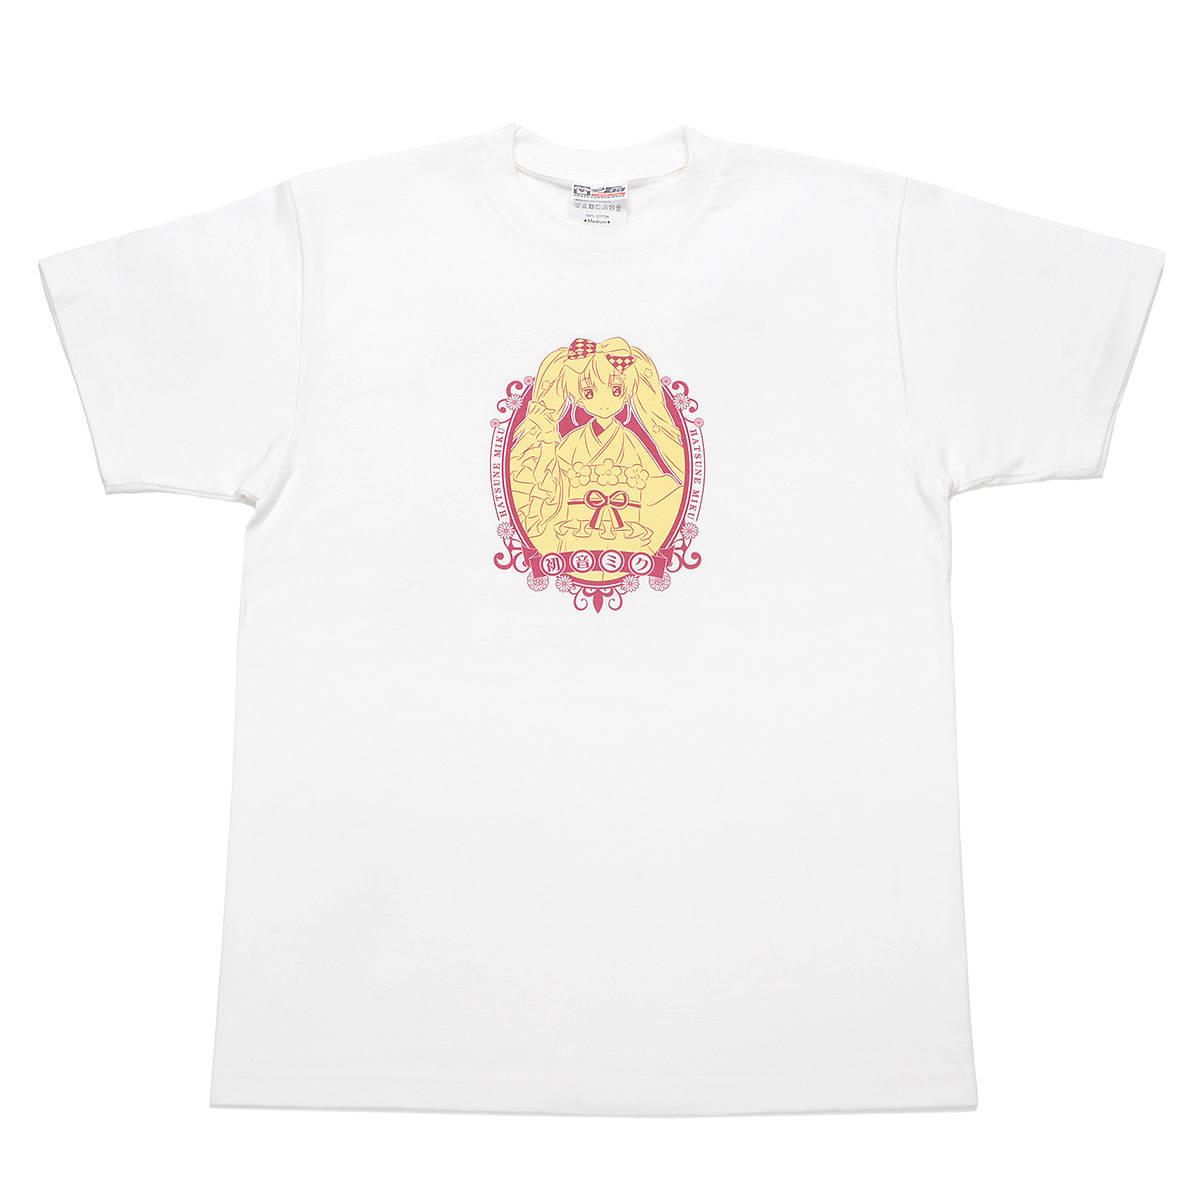 Tシャツ(ミク)